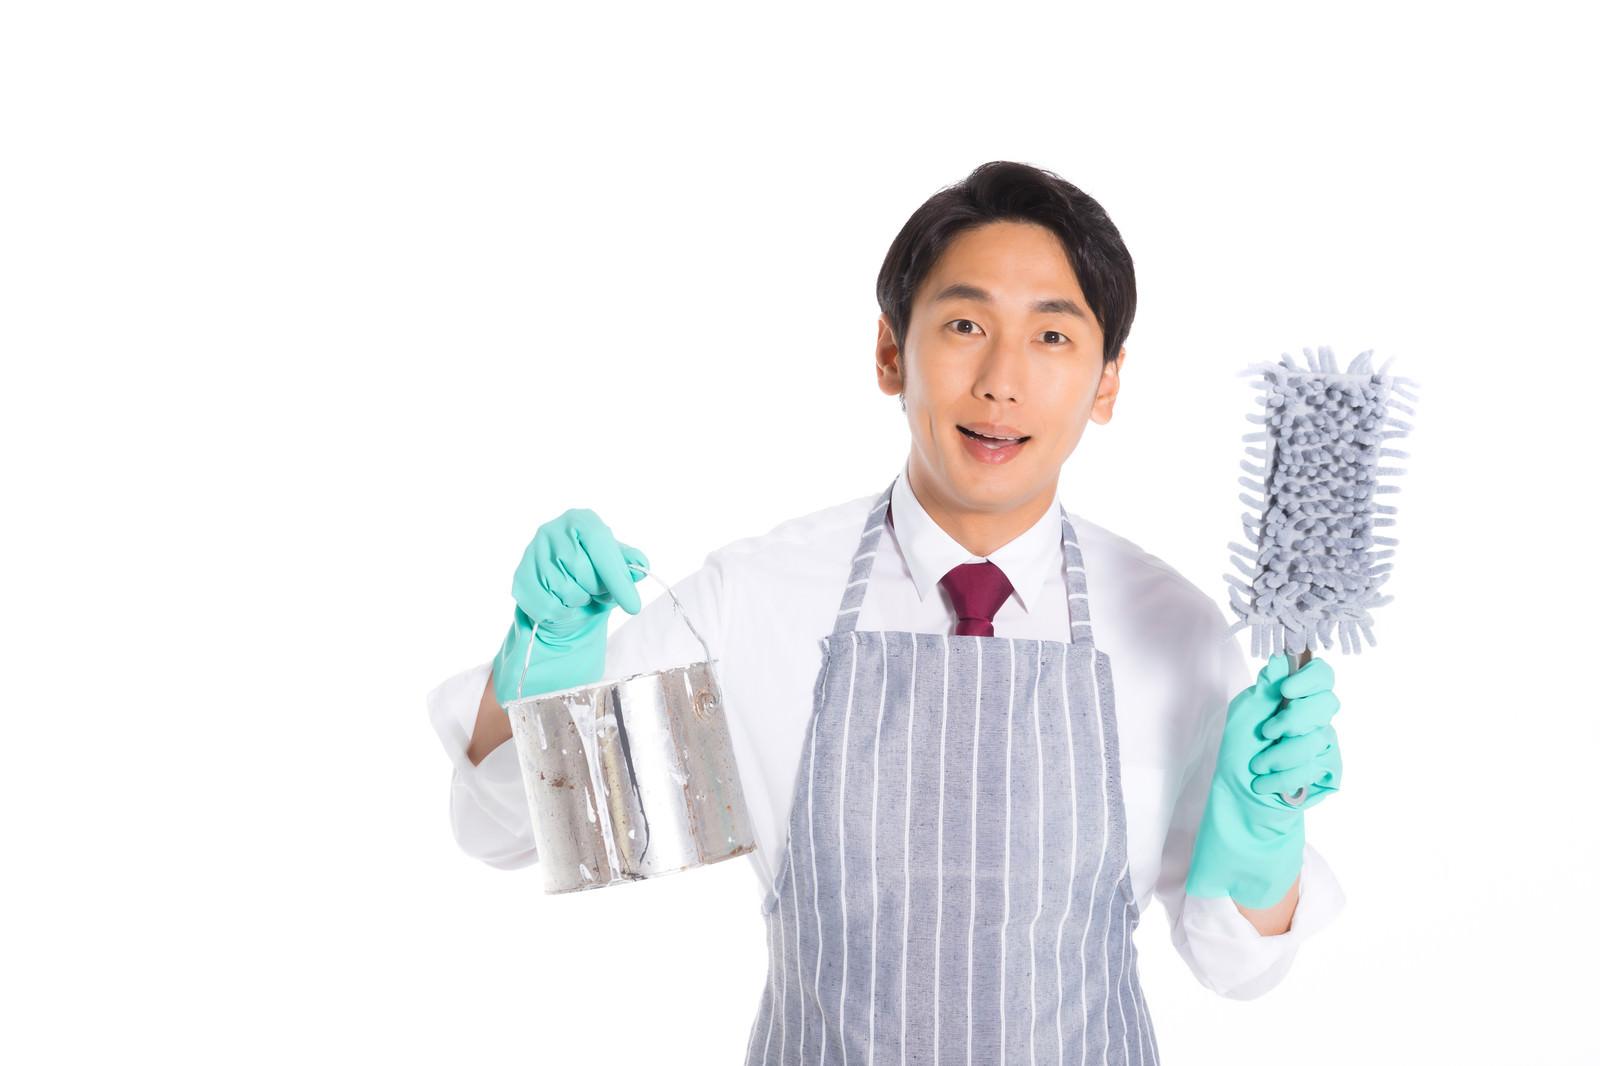 「清掃係の販売員」の写真[モデル:大川竜弥]